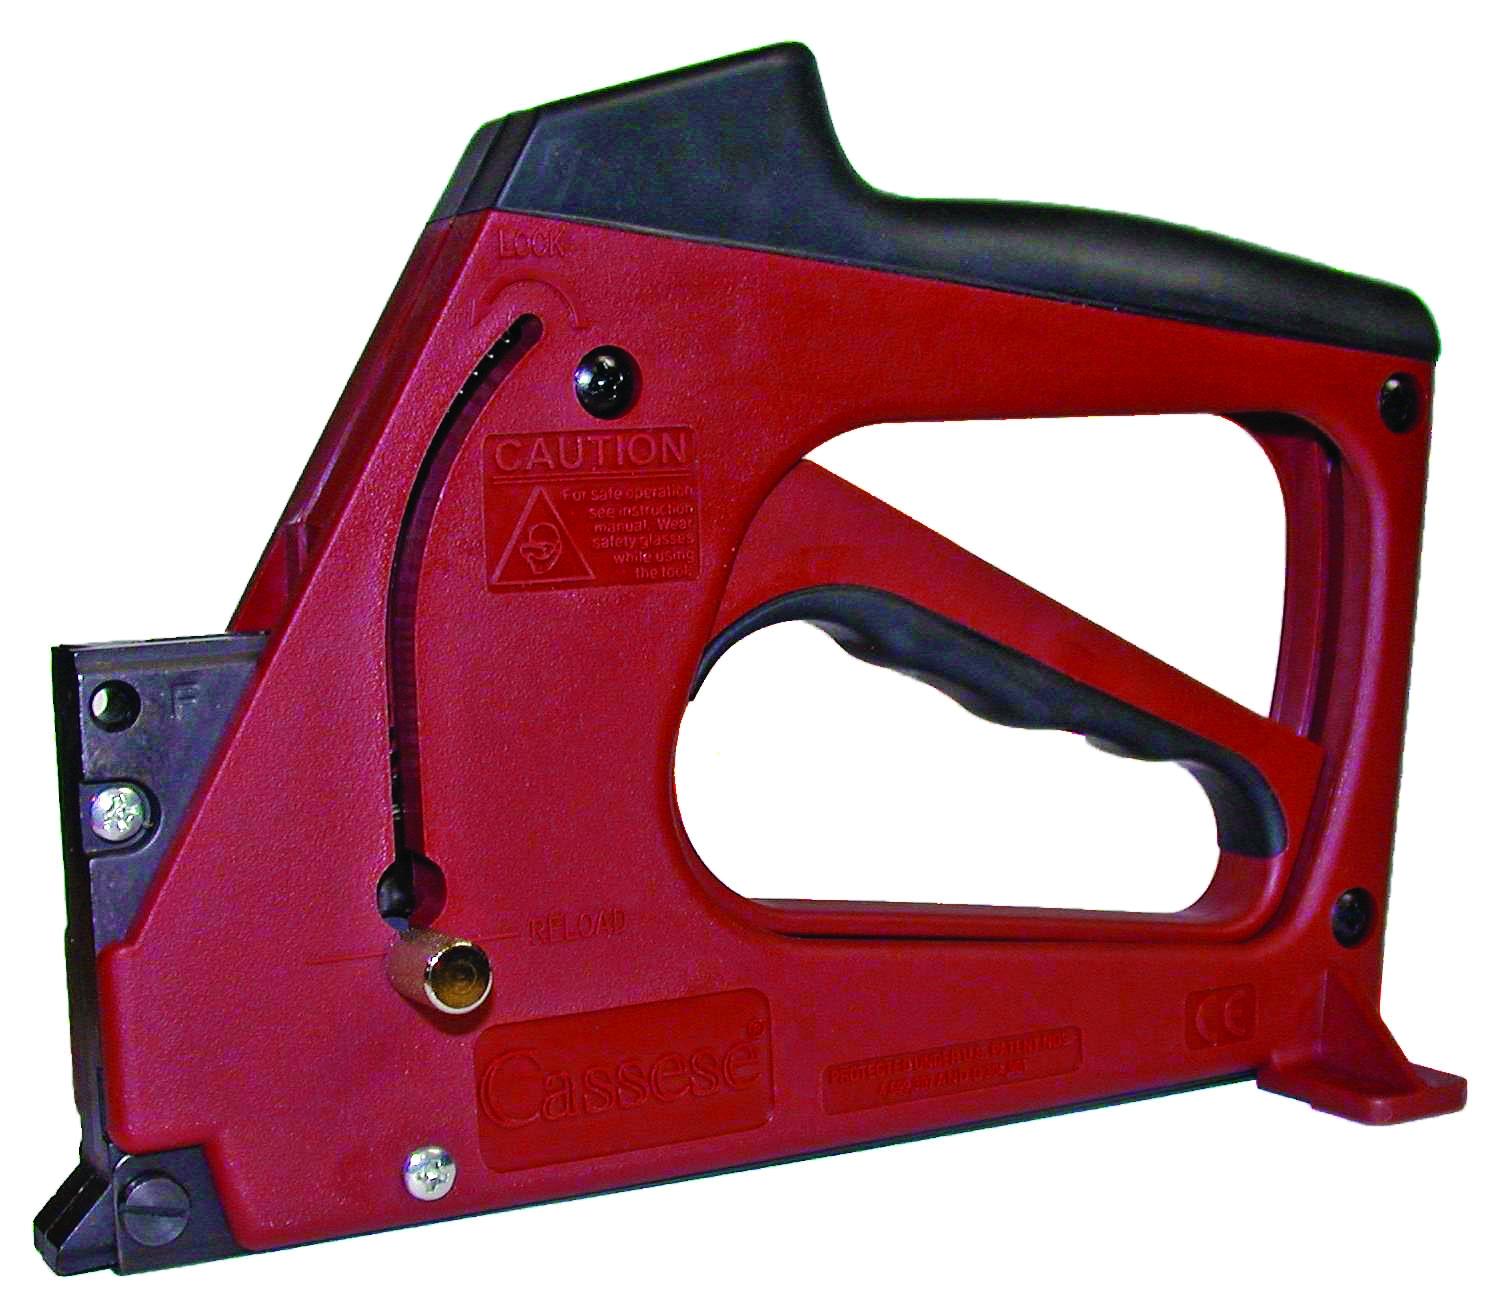 pistolet pour pointes flexibles d'épaisseur 0.35mm et longueur 15mm. attention : à utiliser avec les pointes flexibles portant la référence poi.15. vendu sans pointes flexibles. fonctionne sans air comprimé